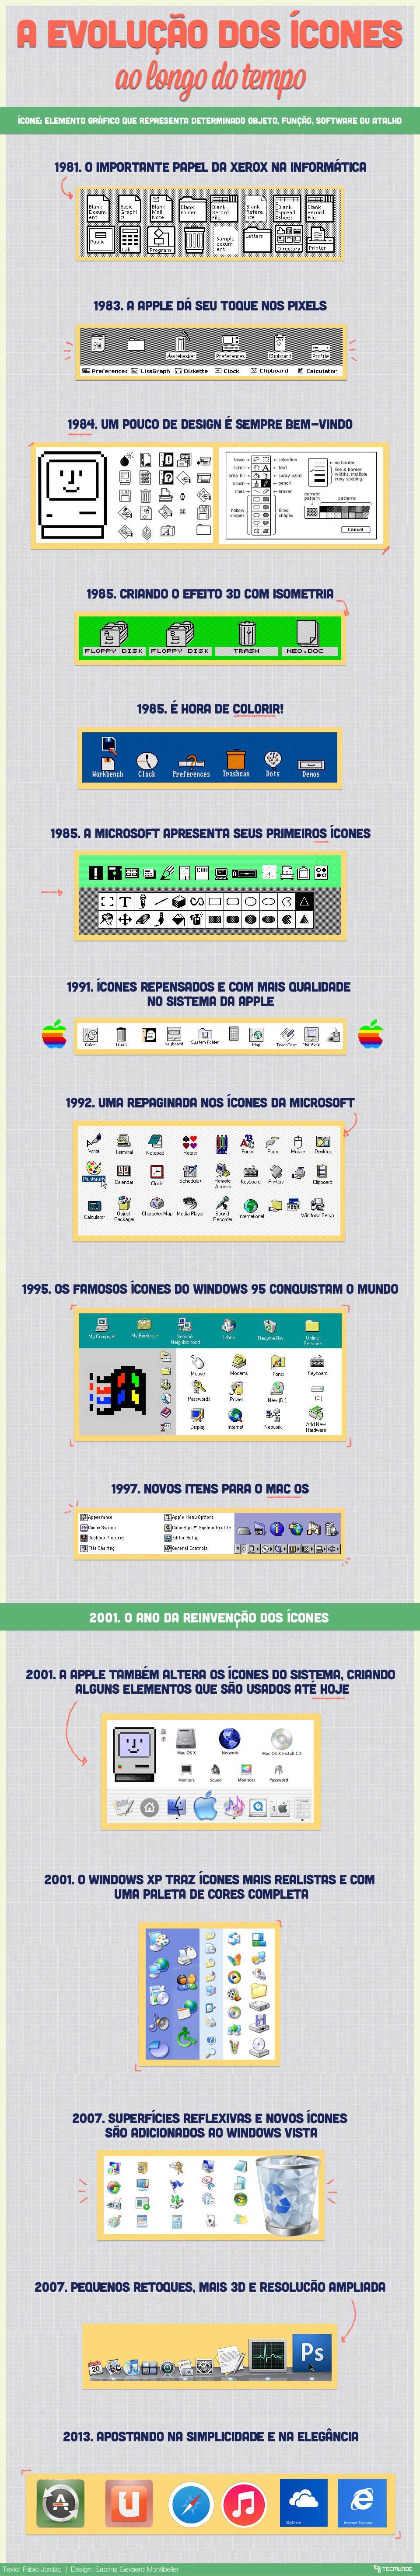 A evolução dos ícones ao longo do tempo [infográfico]